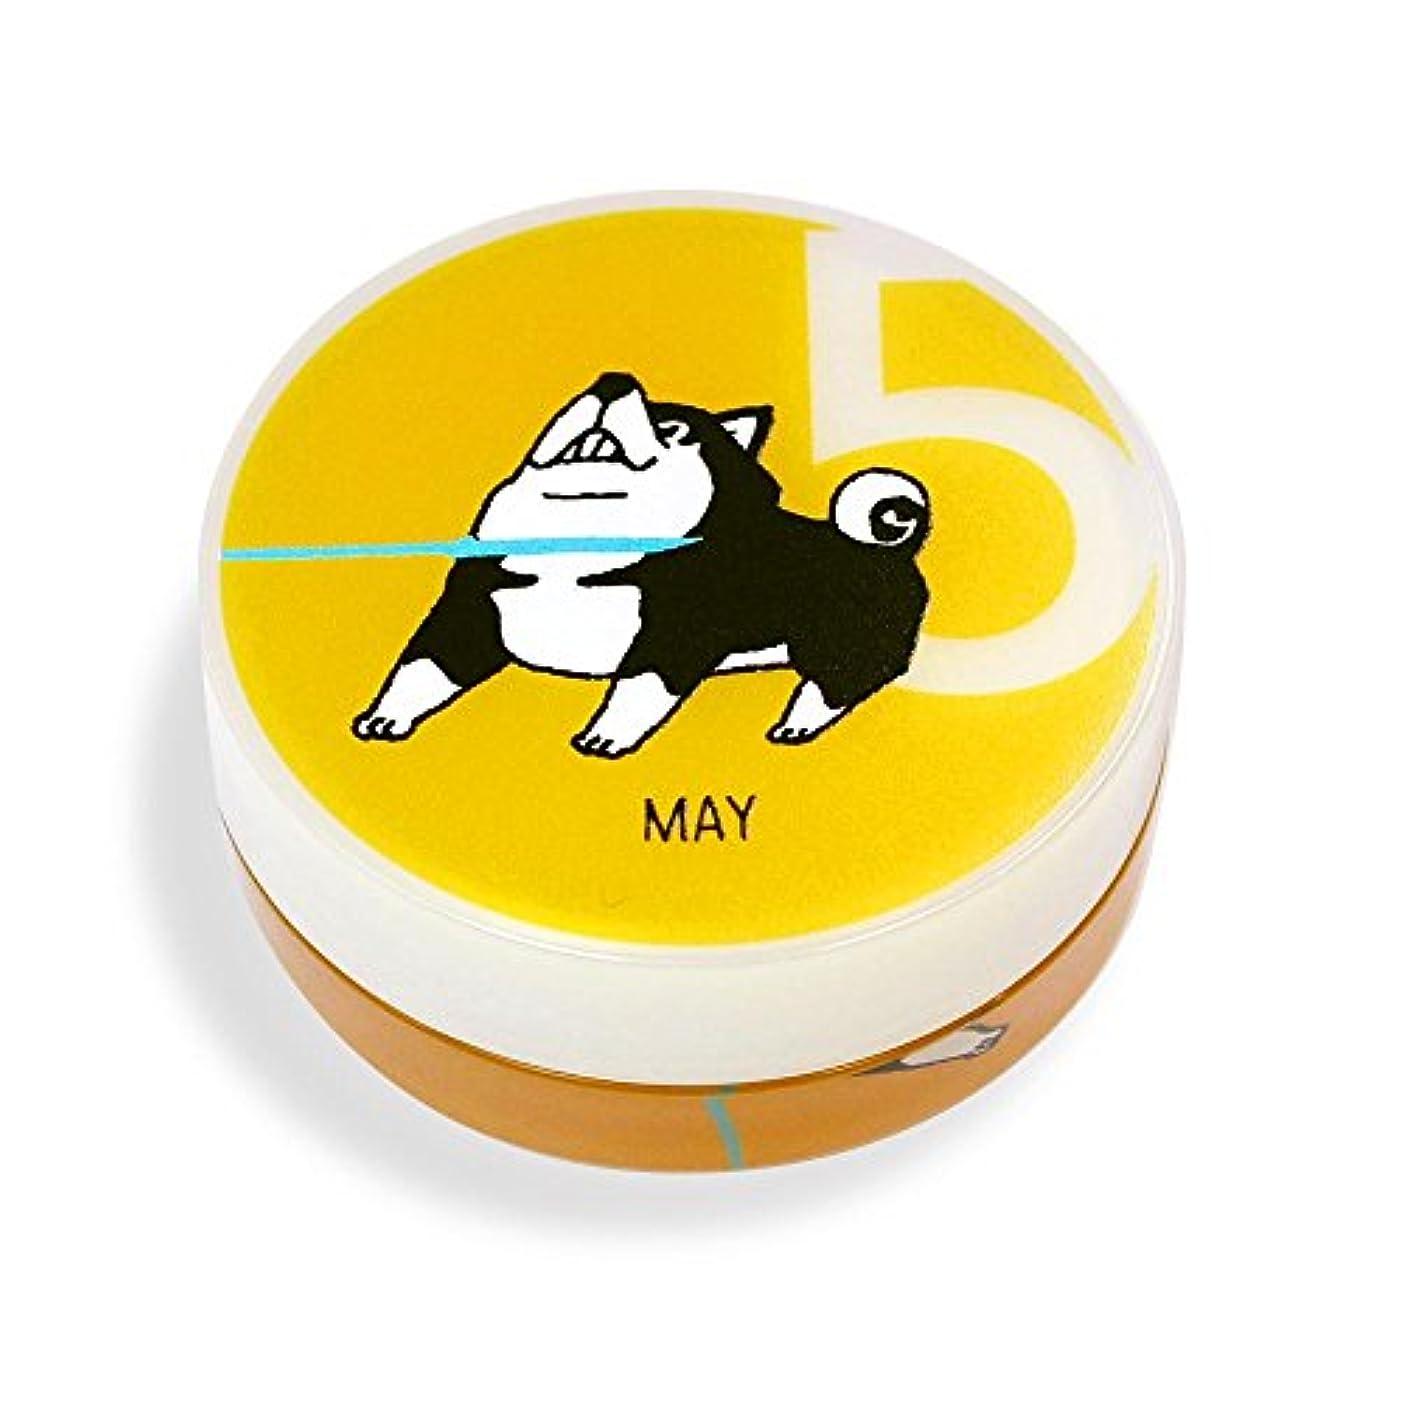 ライトニング接尾辞独立しばんばん フルプルクリーム 誕生月シリーズ 5月 20g